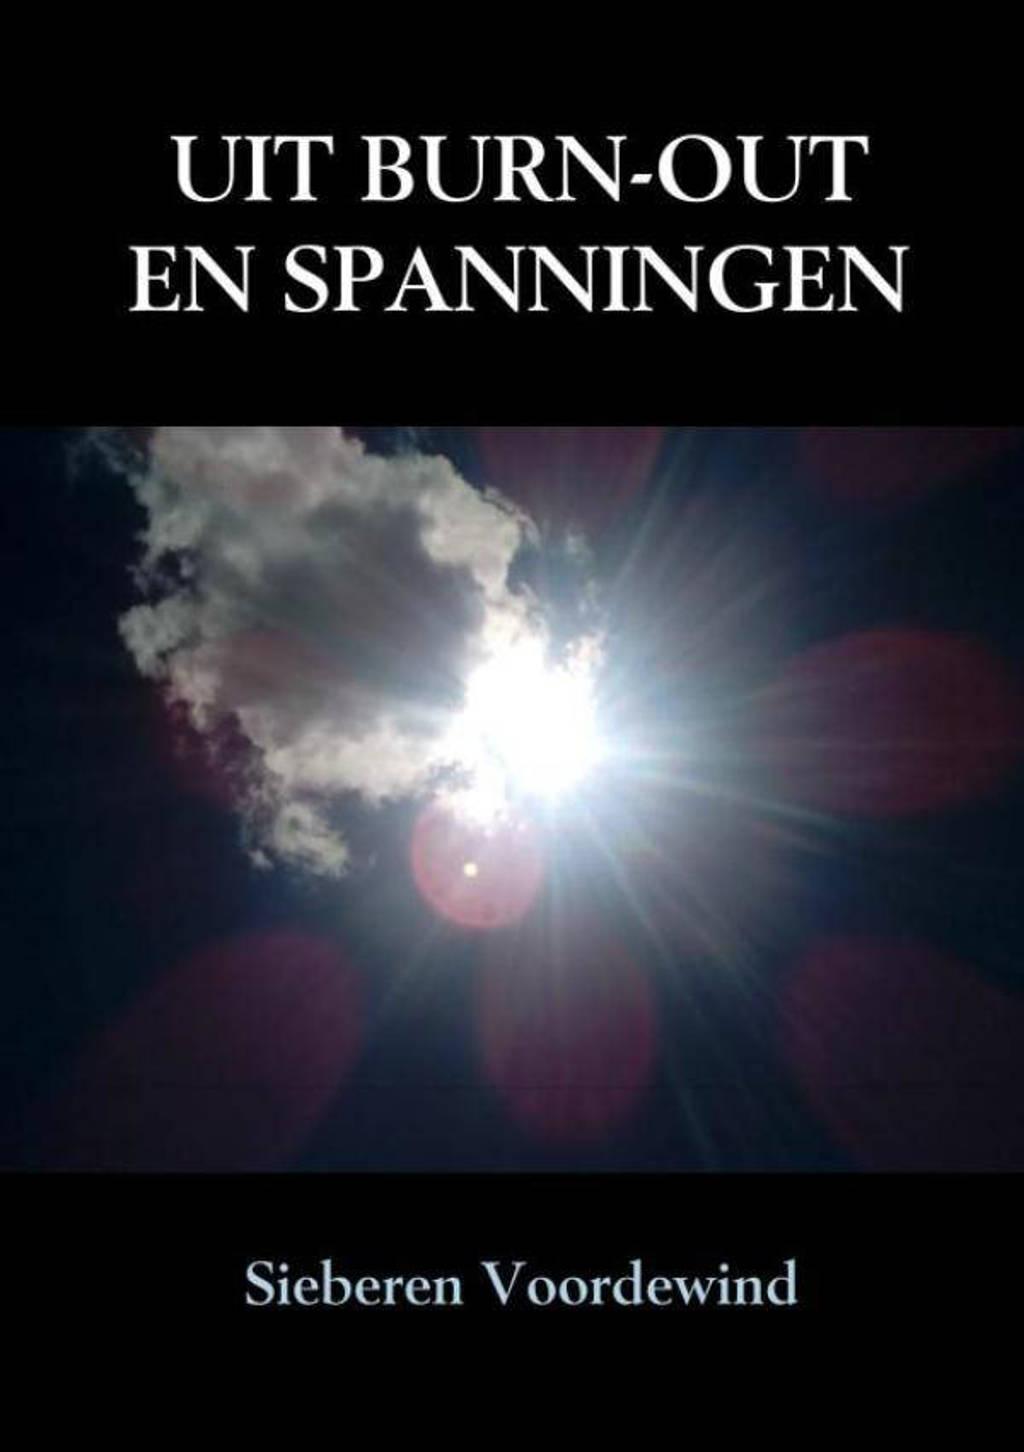 UIT BURN-OUT EN SPANNINGEN - Sieberen Voordewind